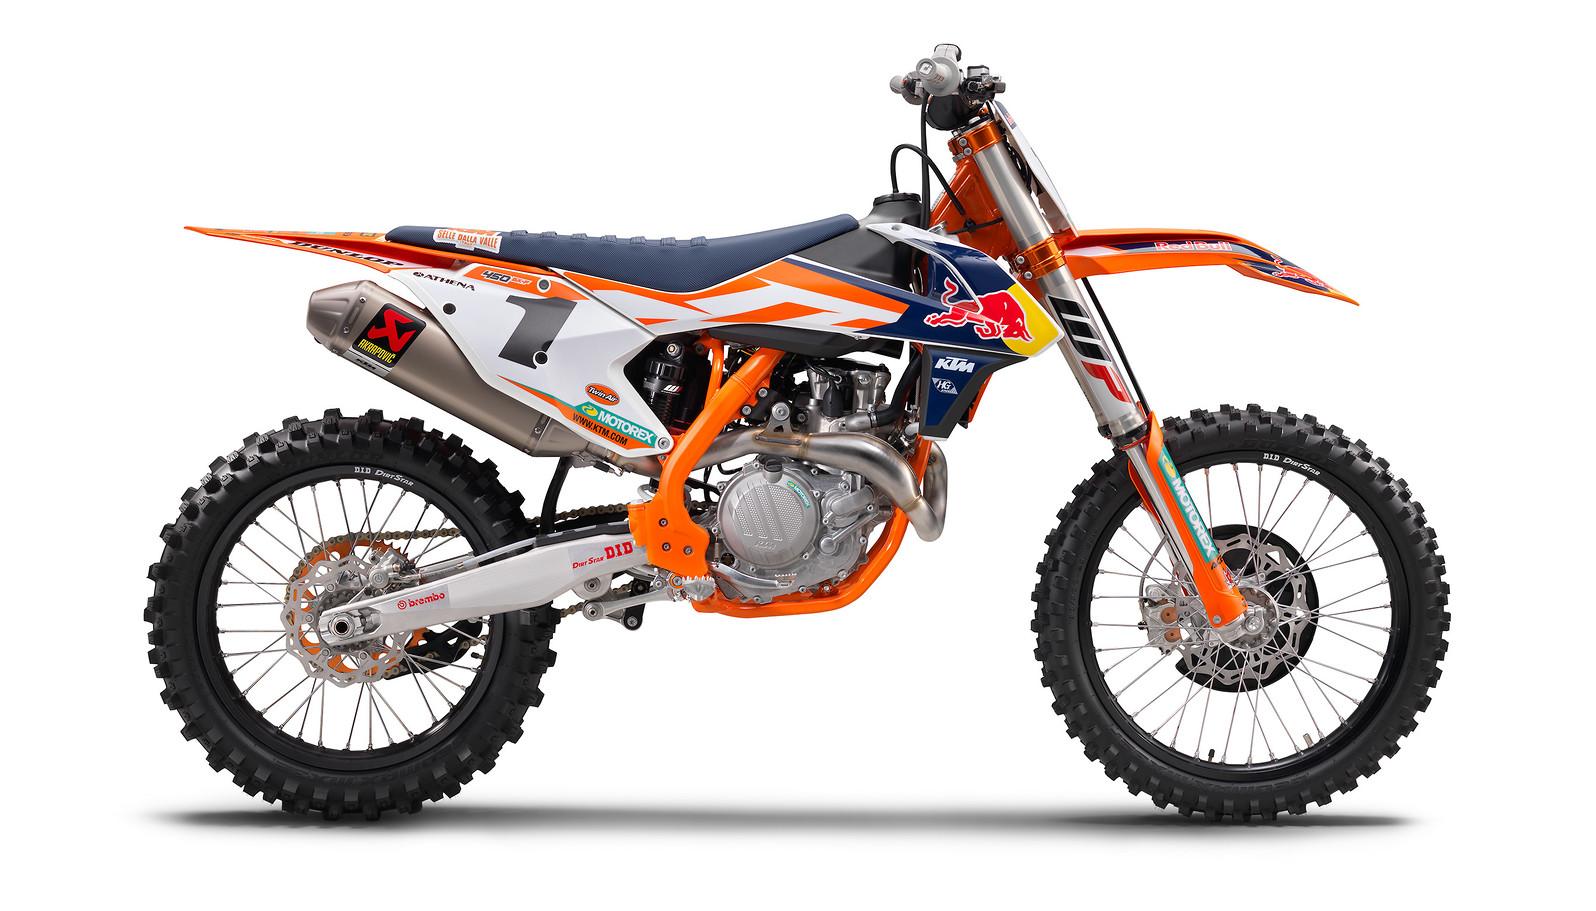 2016 Ktm 450 Sx F Factory Edition Reviews Comparisons Specs Motocross Dirt Bike Bikes Vital Mx